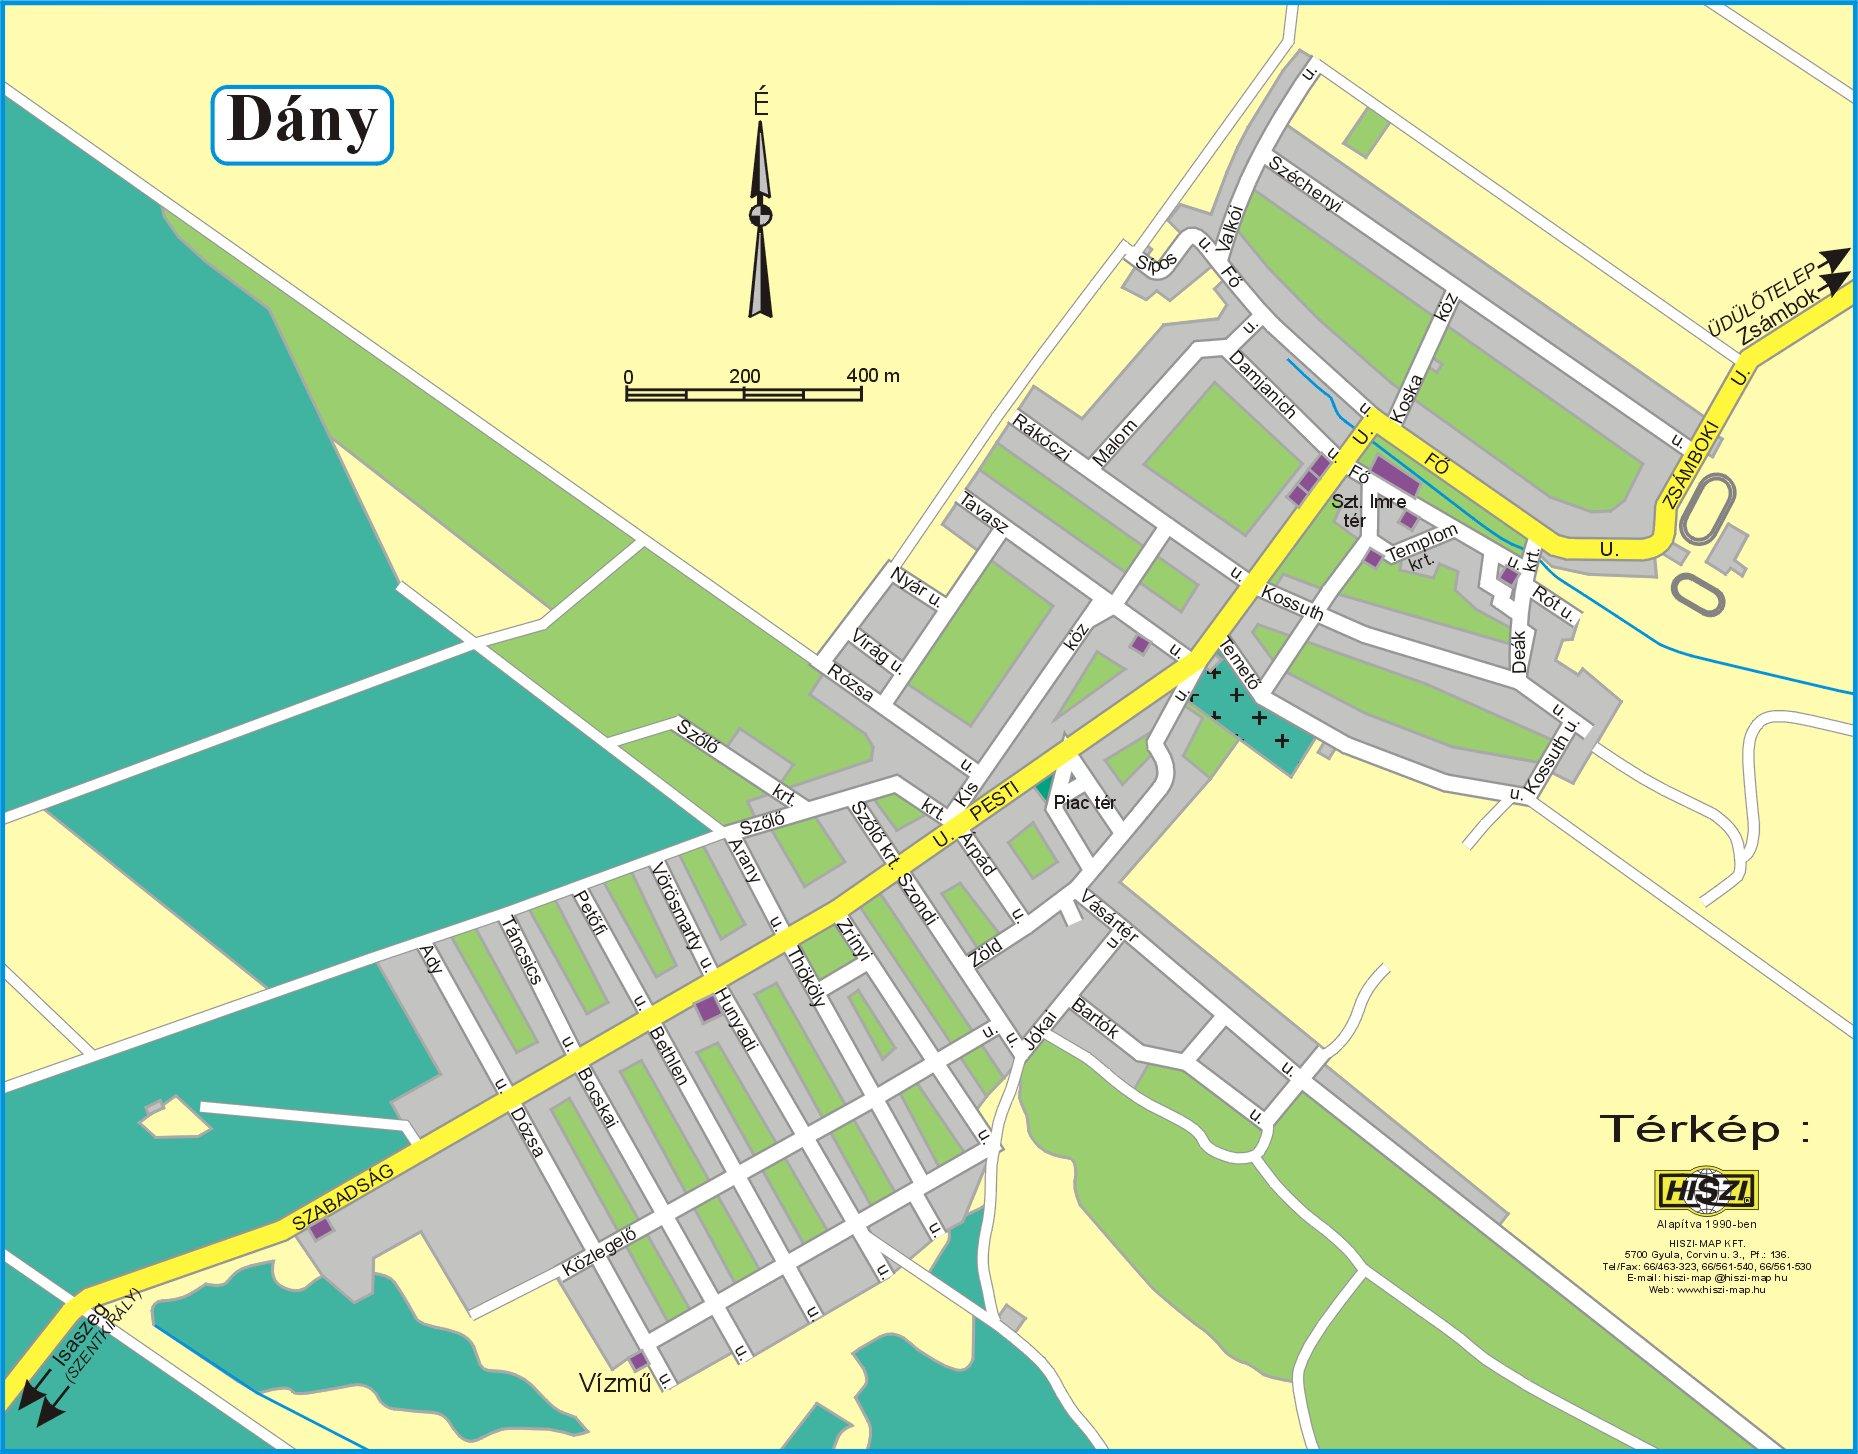 dány térkép GKRTE GÖDÖLLŐ   Gödöllő és Környéke Regionális Turisztikai Egyesület dány térkép